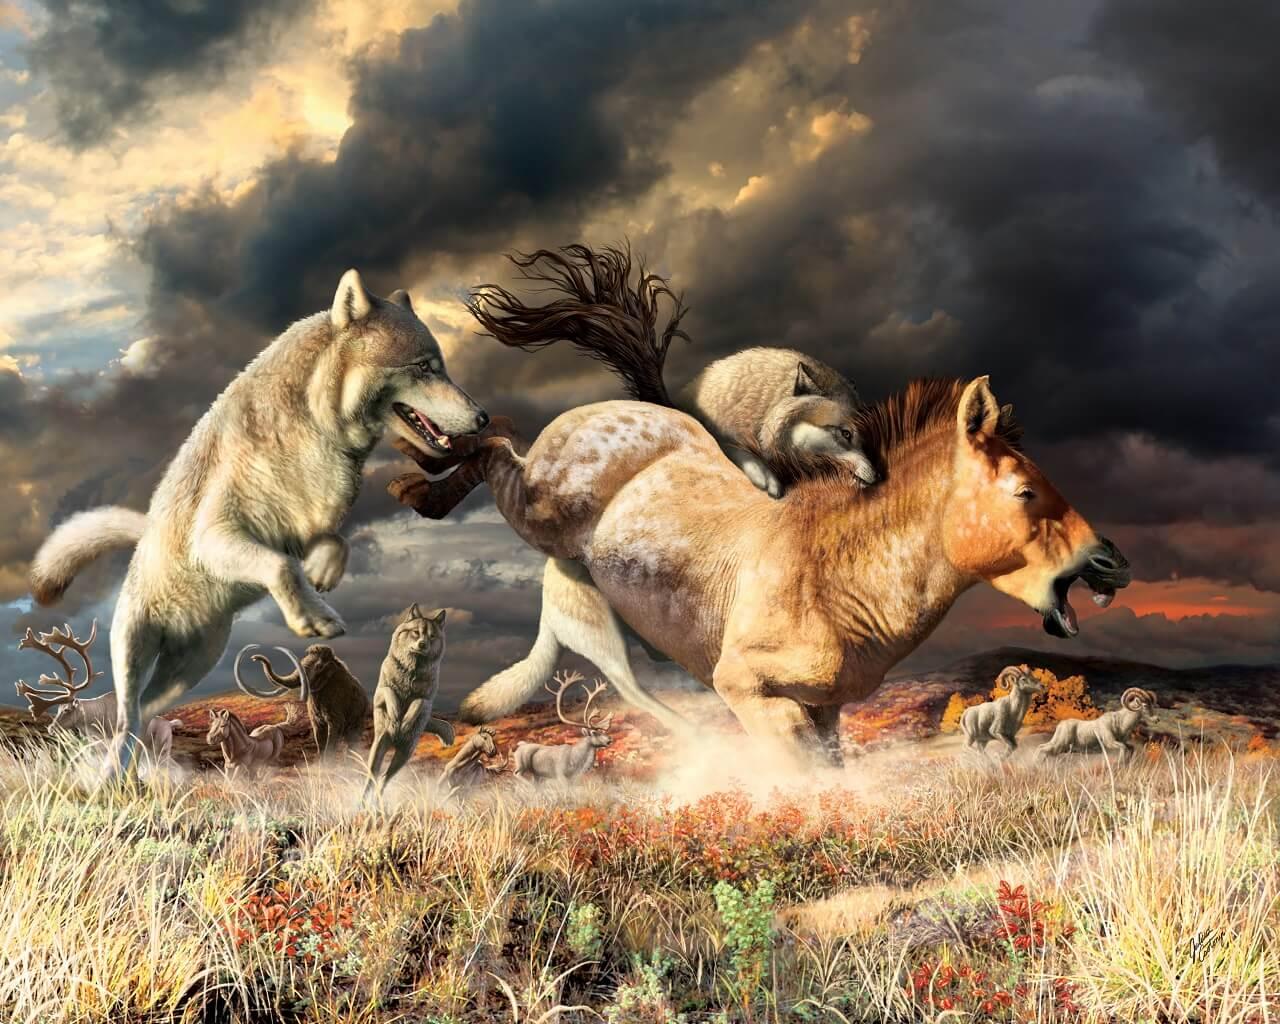 როგორ გადაურჩნენ მგლები ბოლო გამყინვარების ეპოქის მასობრივ გადაშენებას — ახალი კვლევა #1tvმეცნიერება